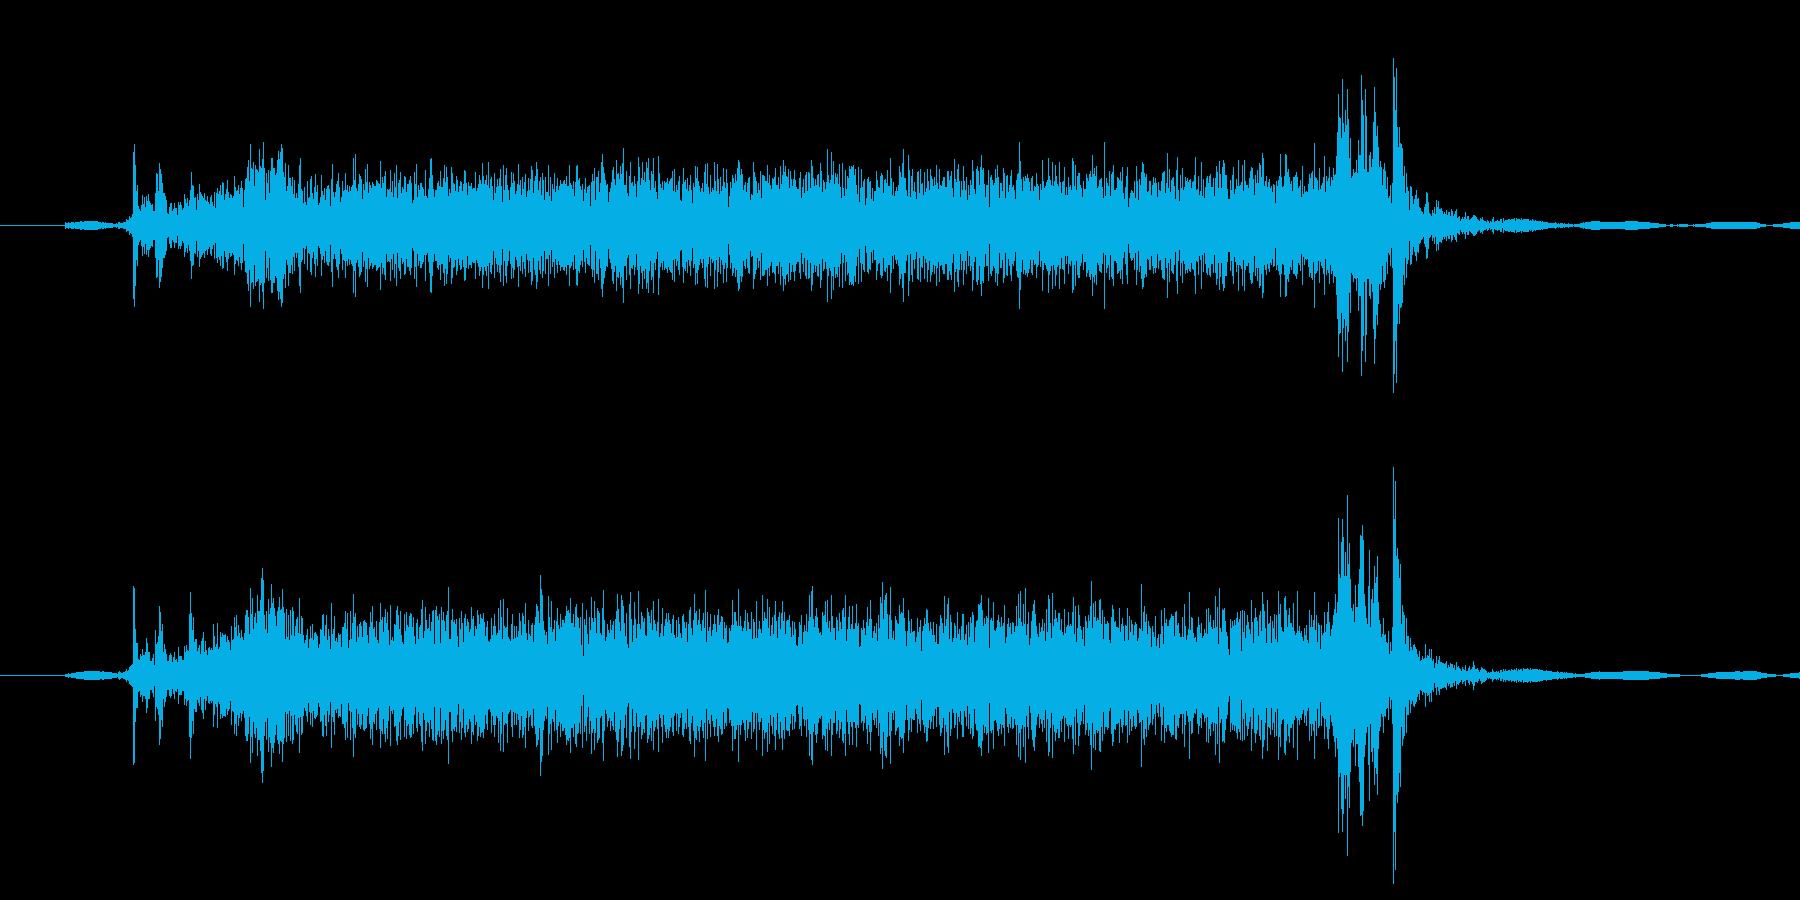 【機械/ロボット系006】ウィーンの再生済みの波形